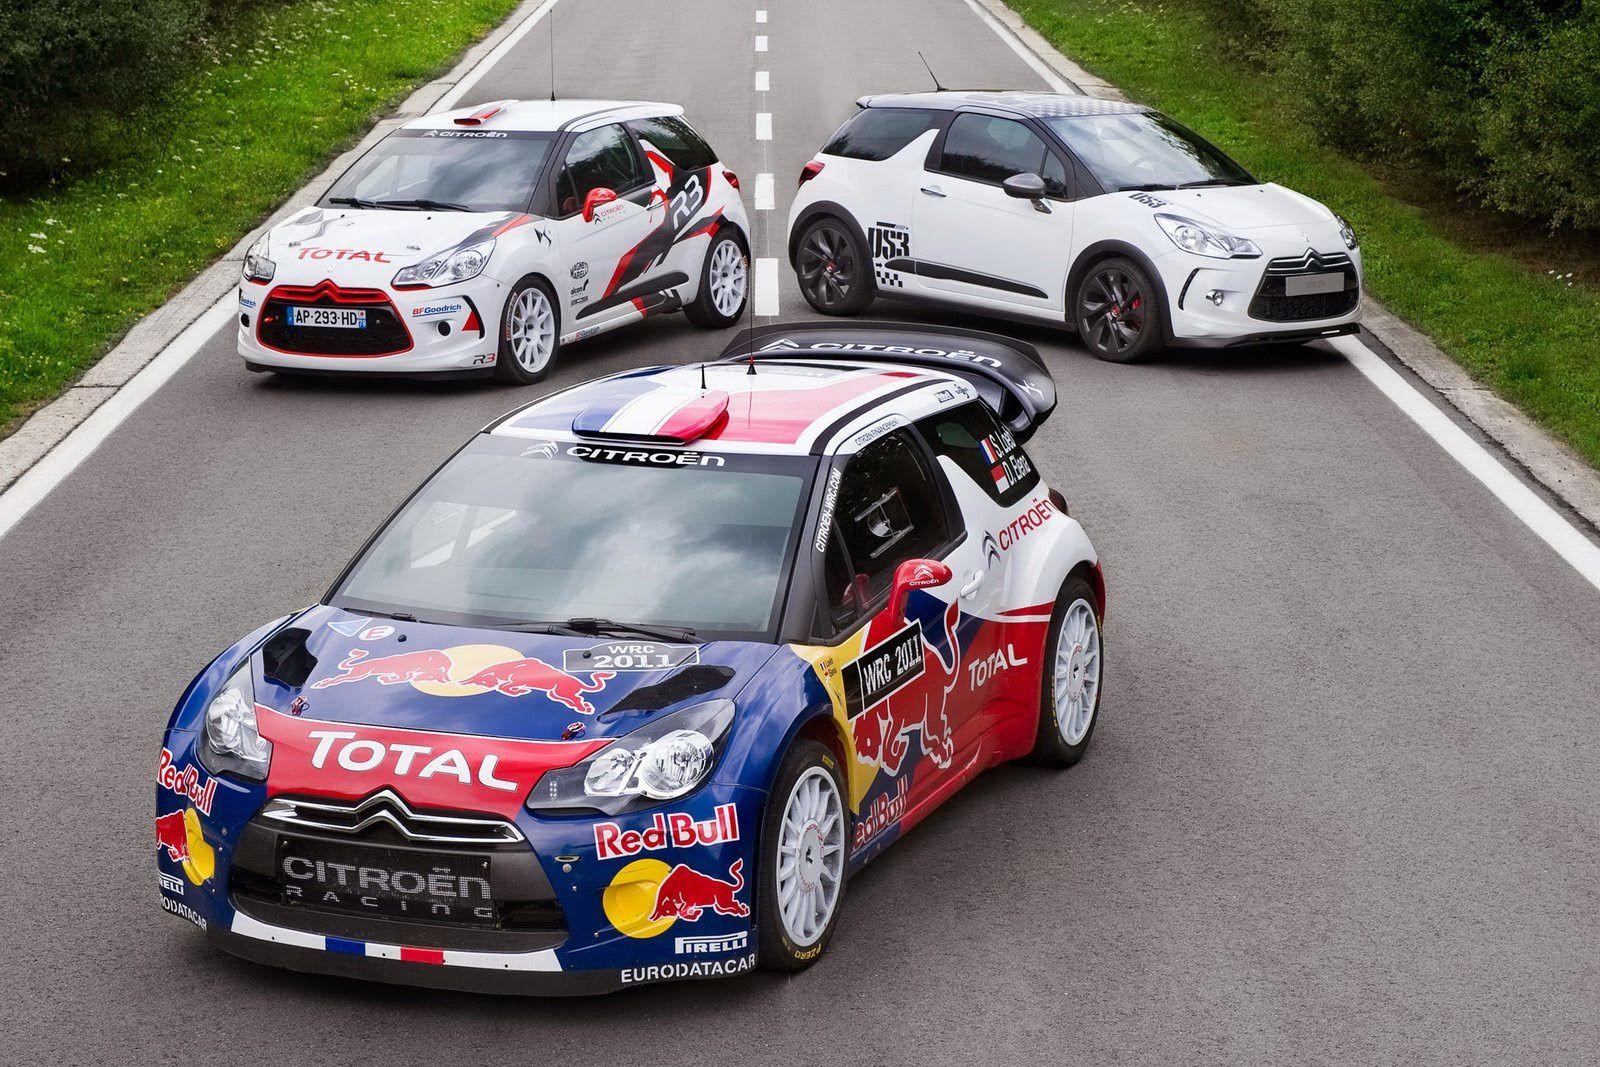 DS3 Racing